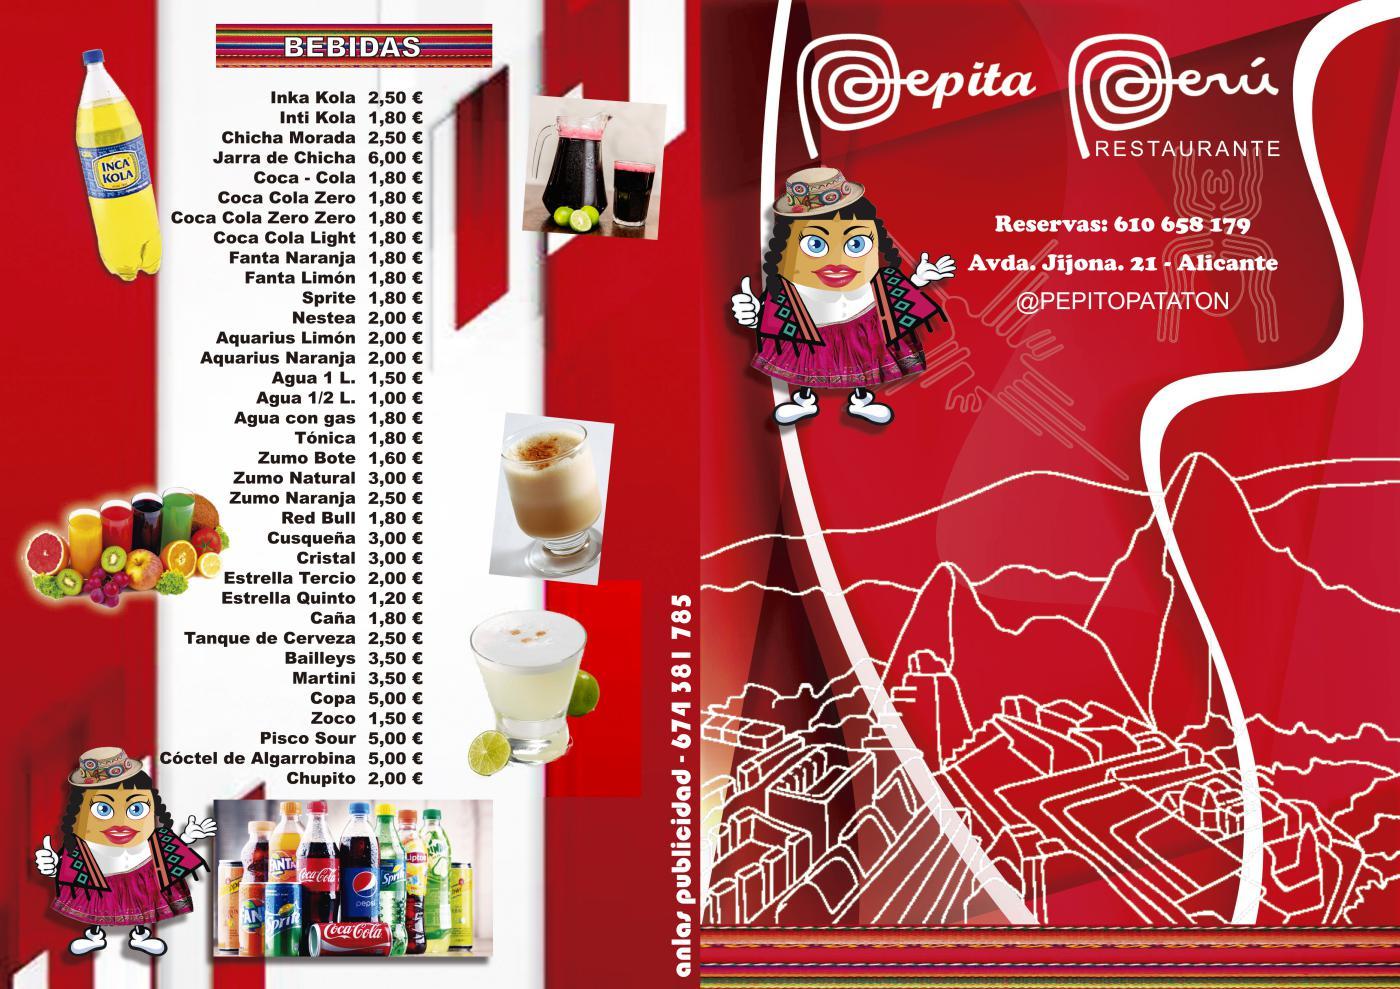 Pepita Perú Alicante - Carta de bebidas